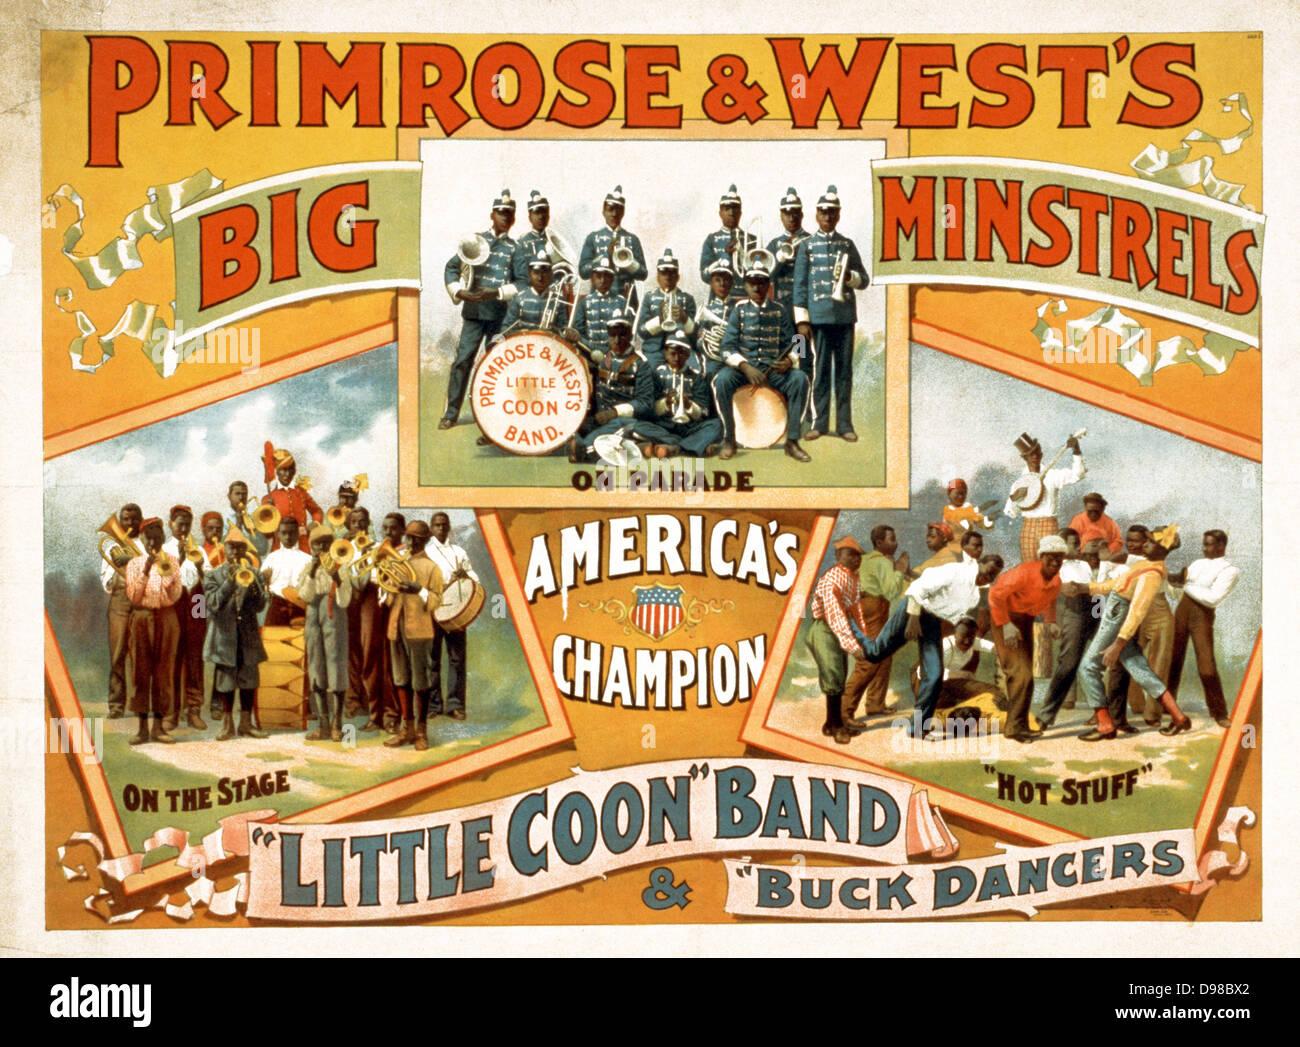 Ende des 19. Jahrhunderts Theater oder Konzertsaal Plakat (amerik.) Primrose & West Bigband Spielleute Darstellung. Stockbild